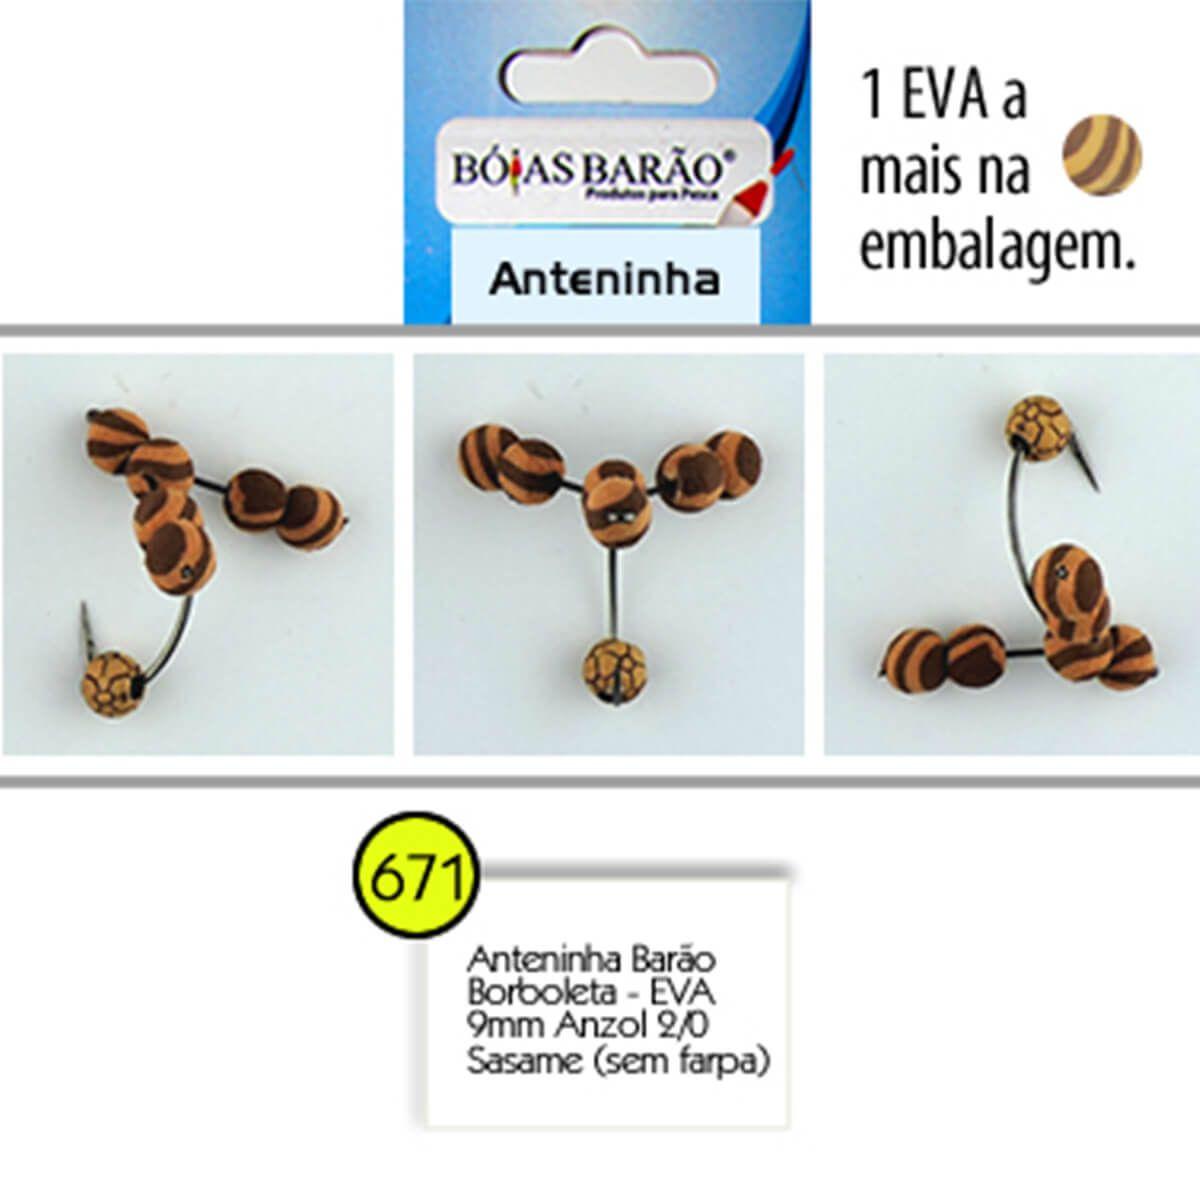 Anteninha Boias Barão Borboleta EVA com Miçanga Anzol Sasame 2/0 - Nº 671